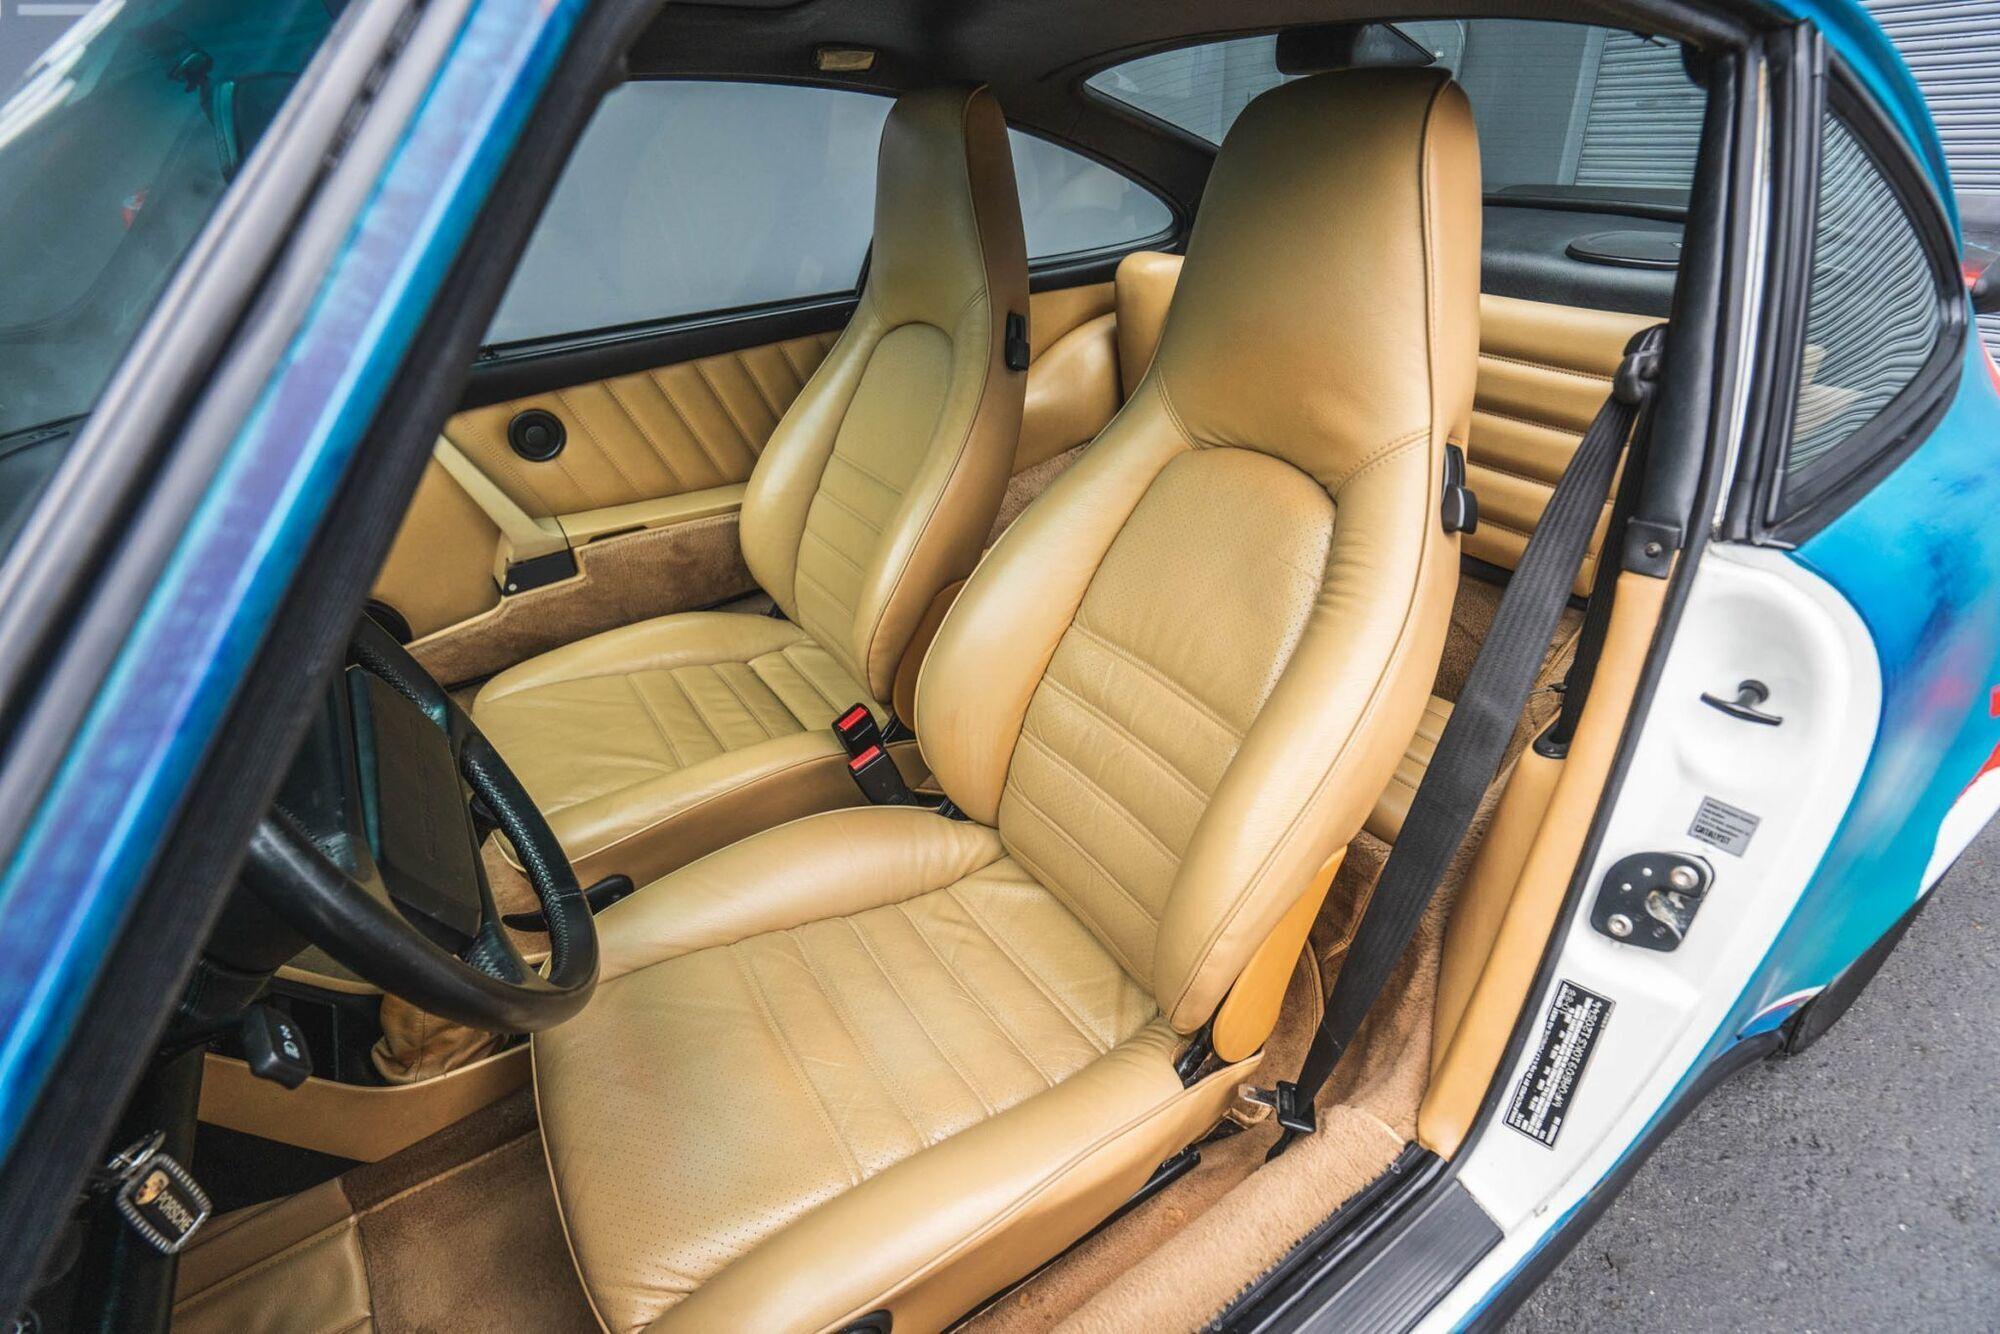 Интерьер автомобиля отделан бежевой кожей, а комфорт в дороге обеспечат кондиционер и аудиосистема Kenwood с CD-плеером